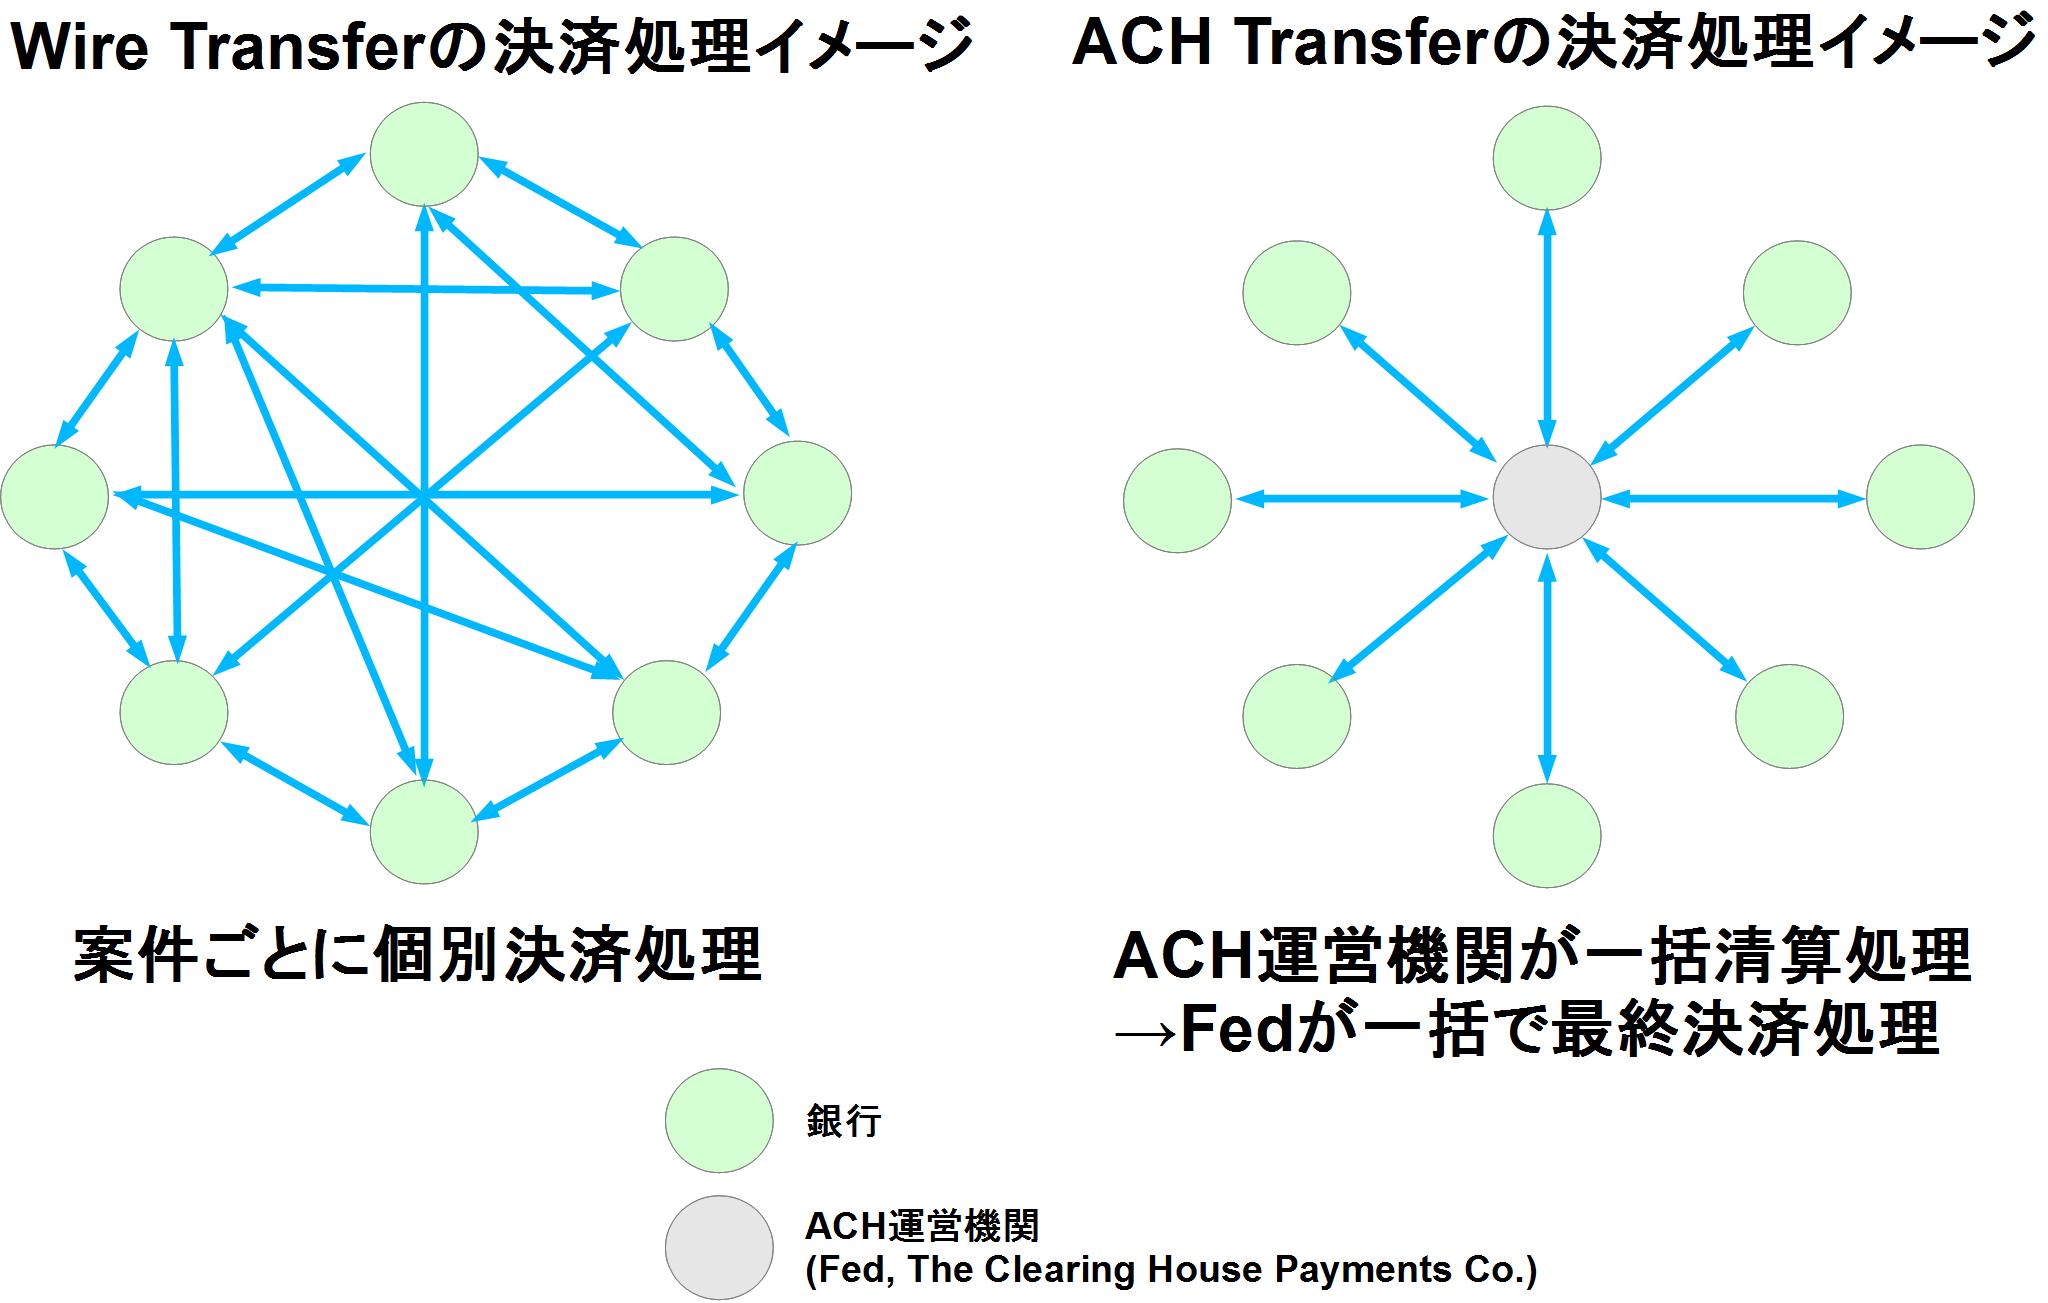 2種類の送金方法の特徴 wire transferとach transfer